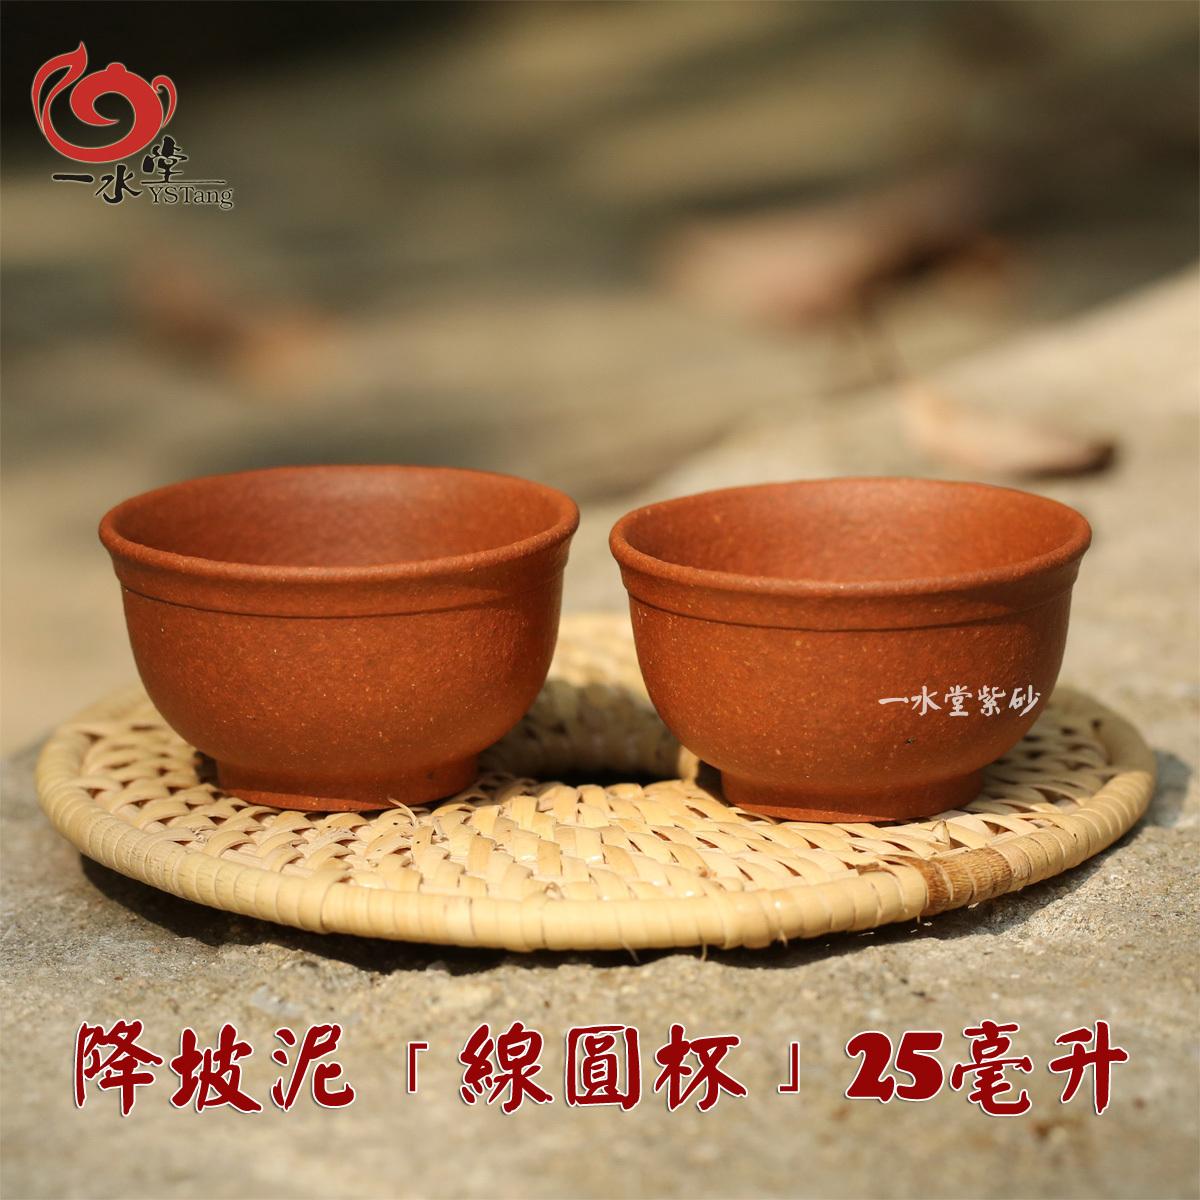 Чайная пиала Исин фиолетовый песок чайник кунг-фу чай Кубок чашка, чашка стороны золото нисходящей линии раунд мало Кубок мастеров